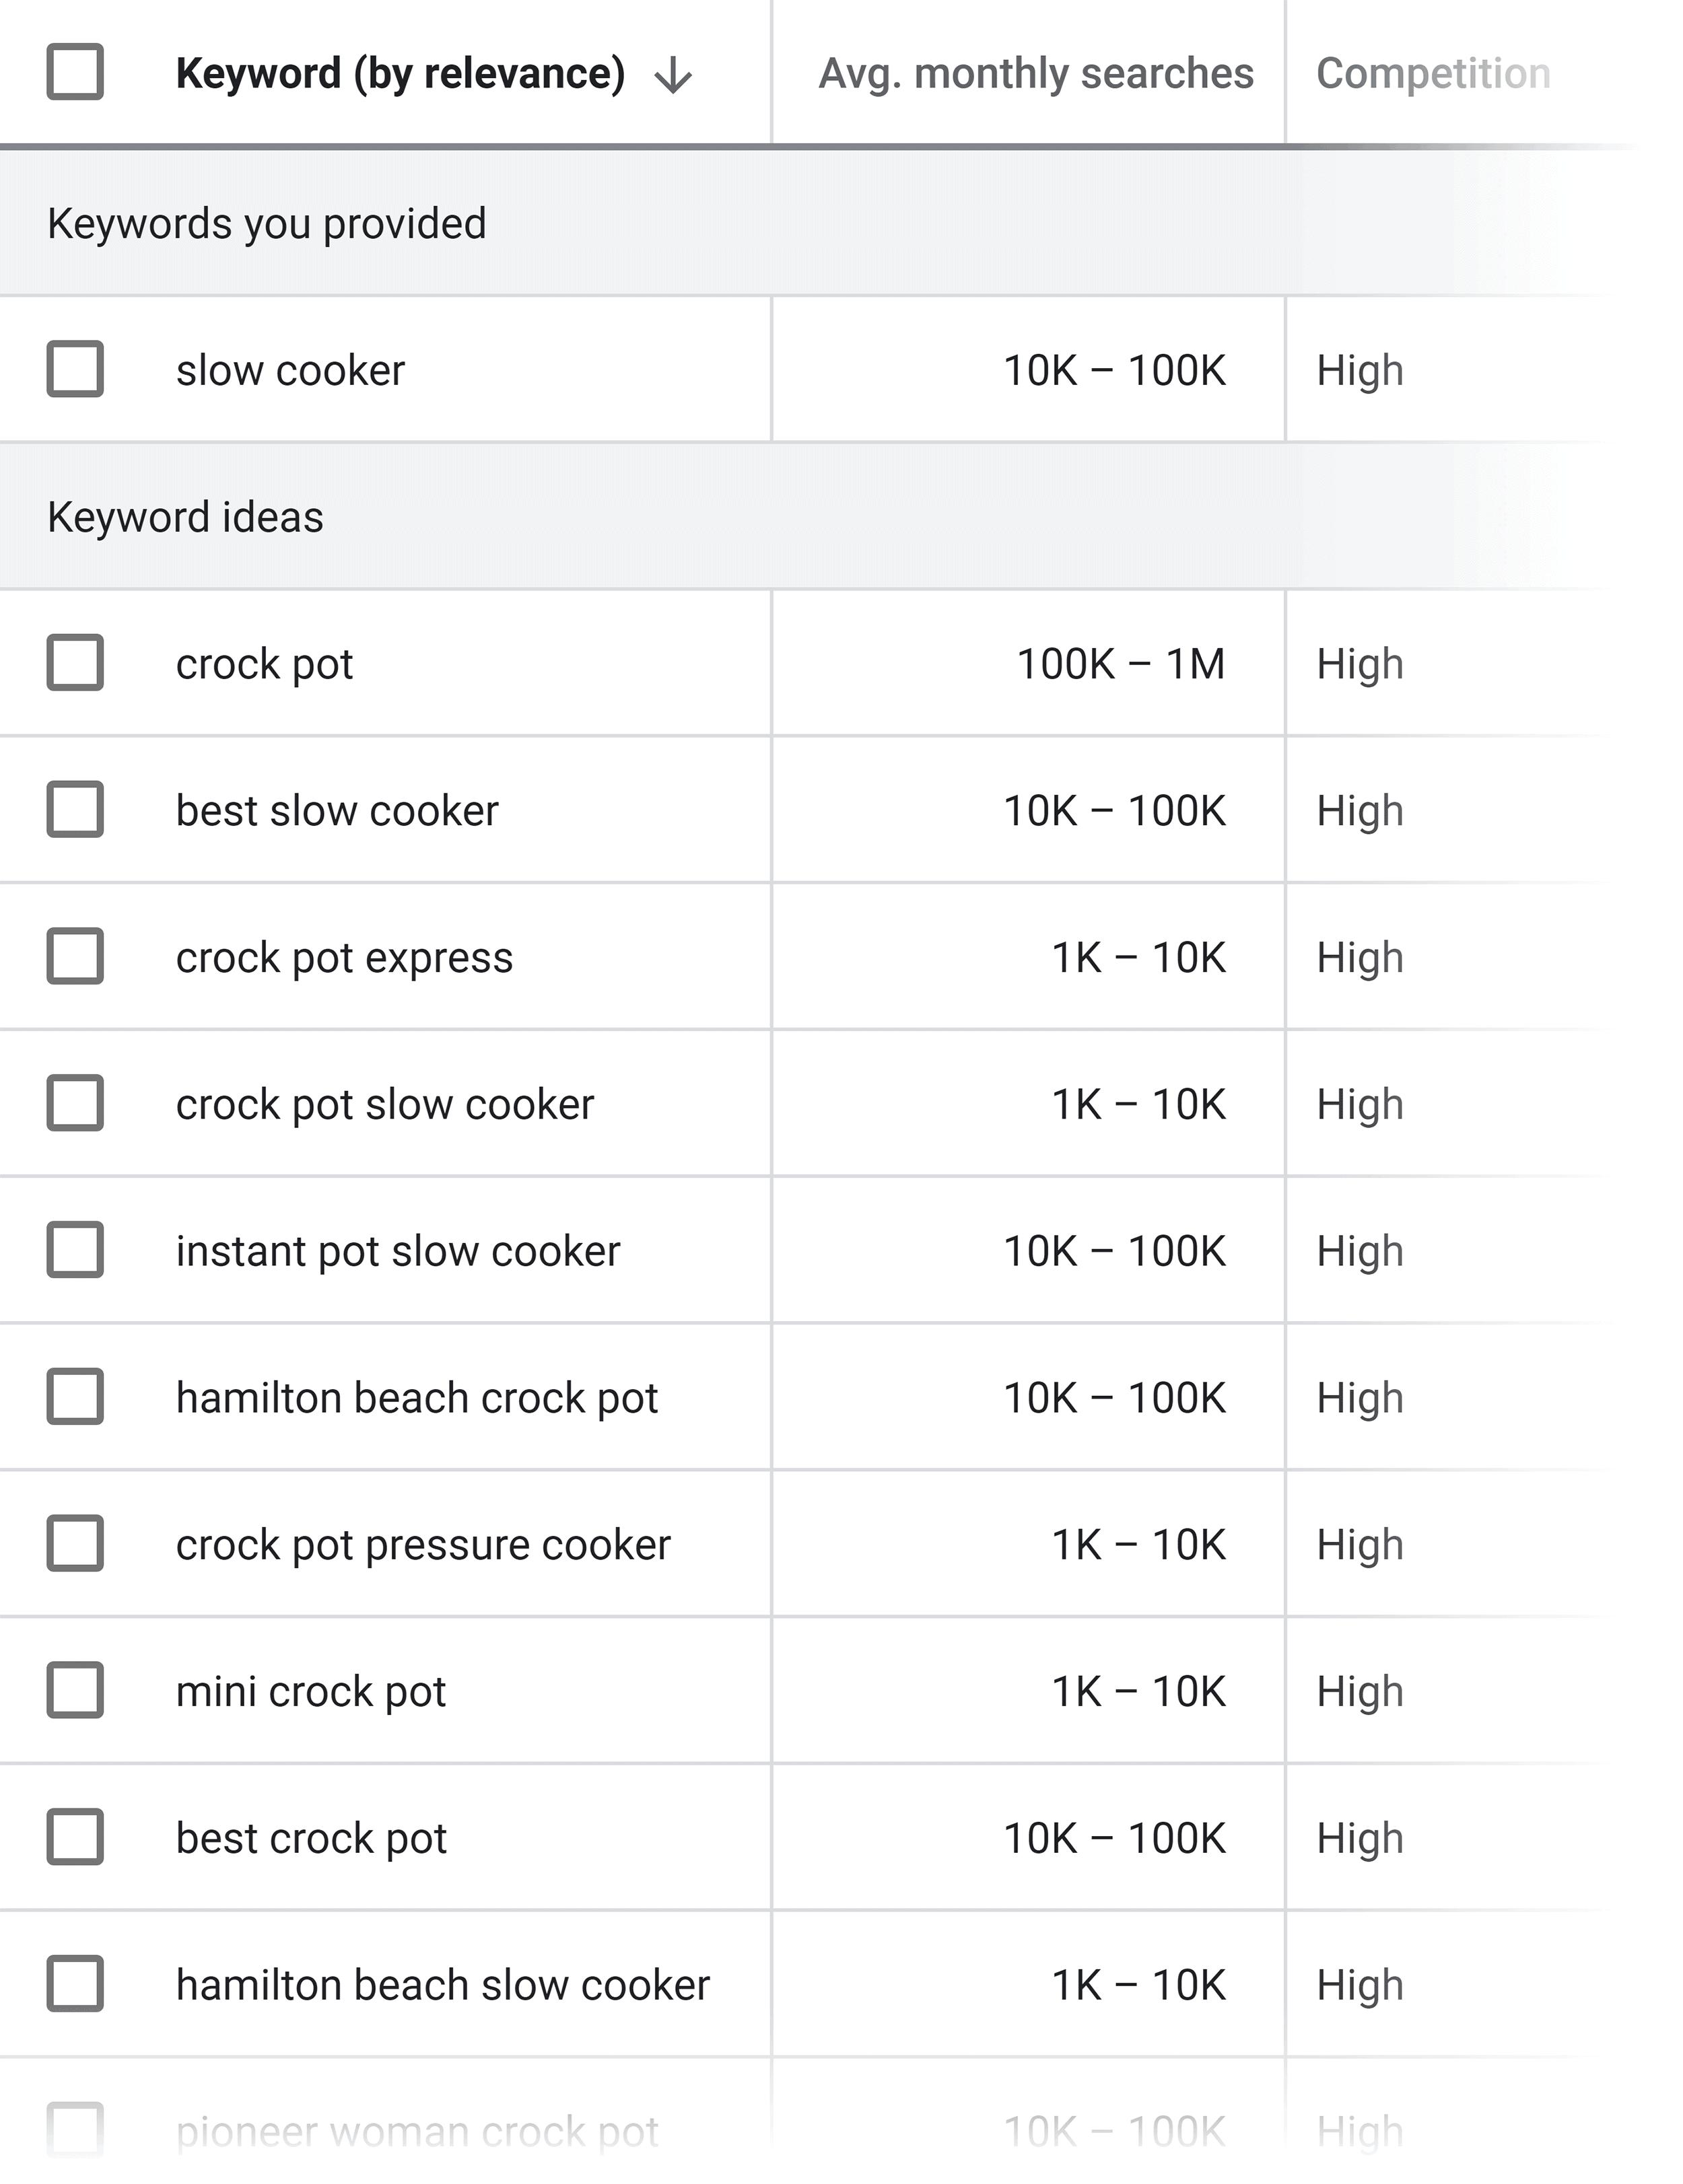 Google Keyword Planner – Slow cooker